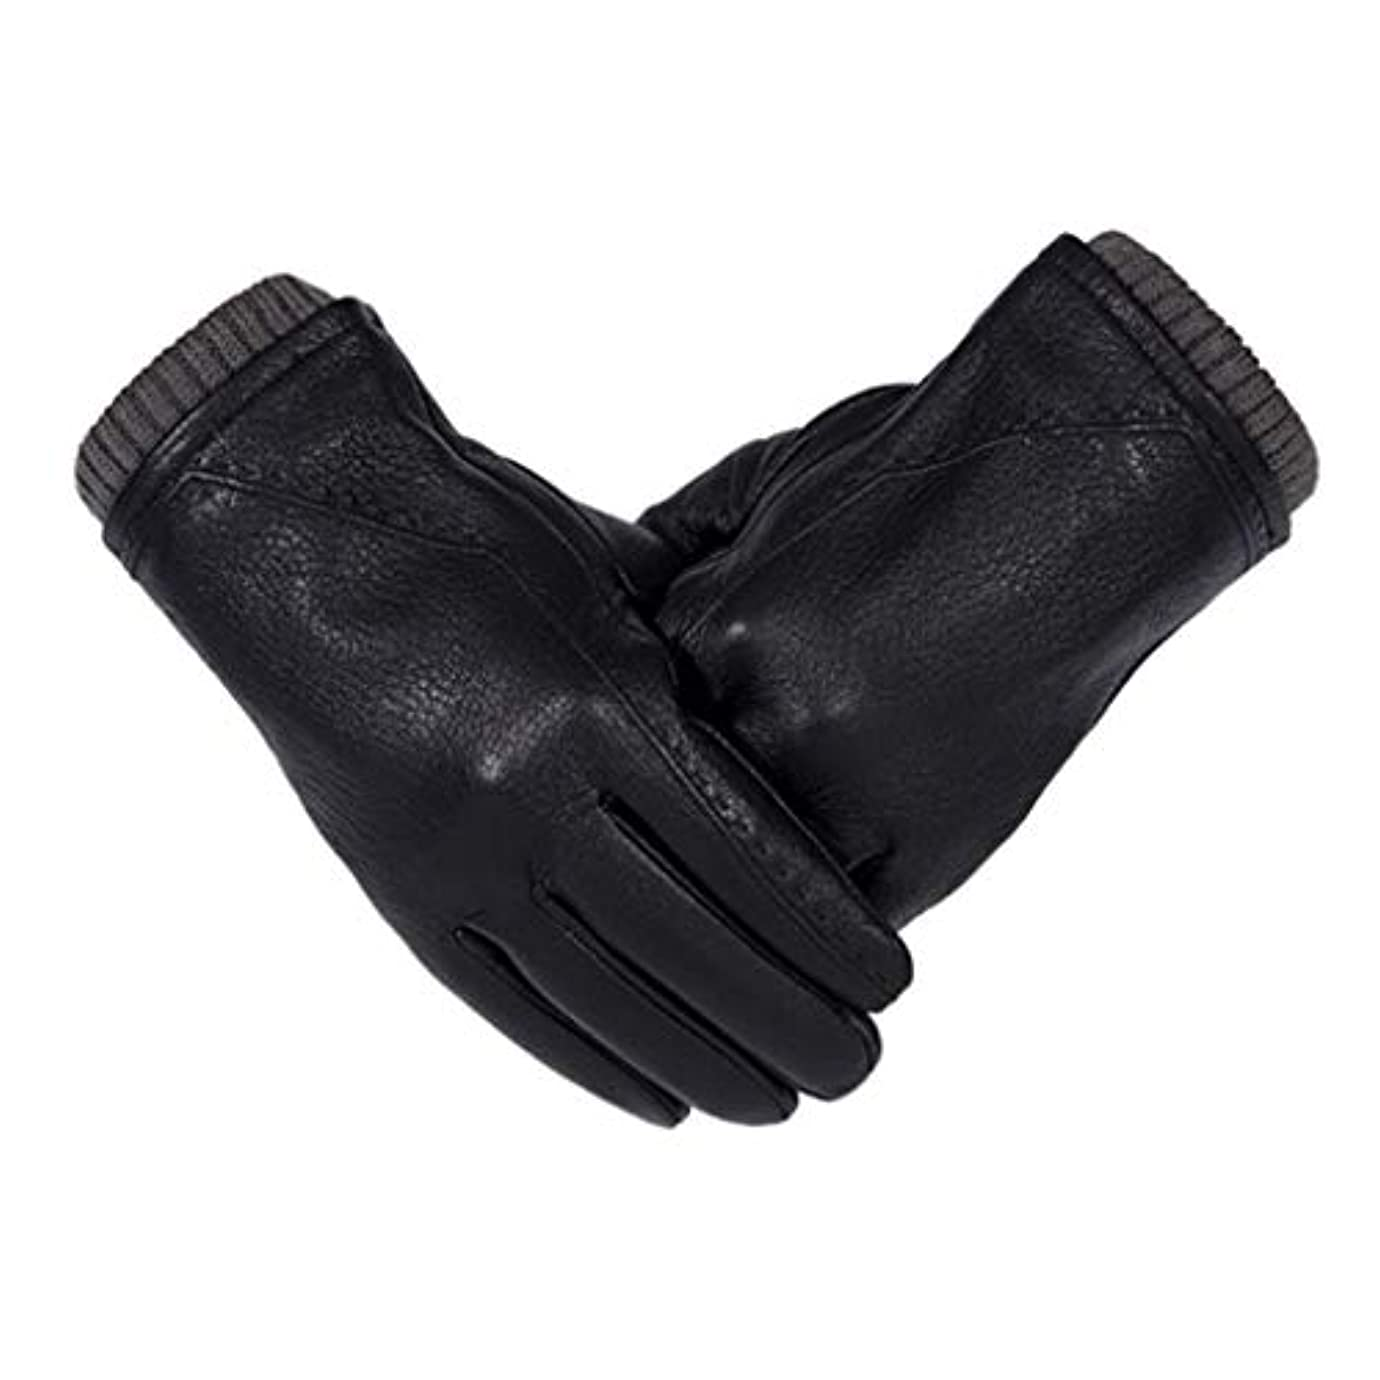 延期する未知のシーズン革の手袋男性の冬の厚いタッチタッチスクリーン駆動サイクリング男性の暖かい手袋